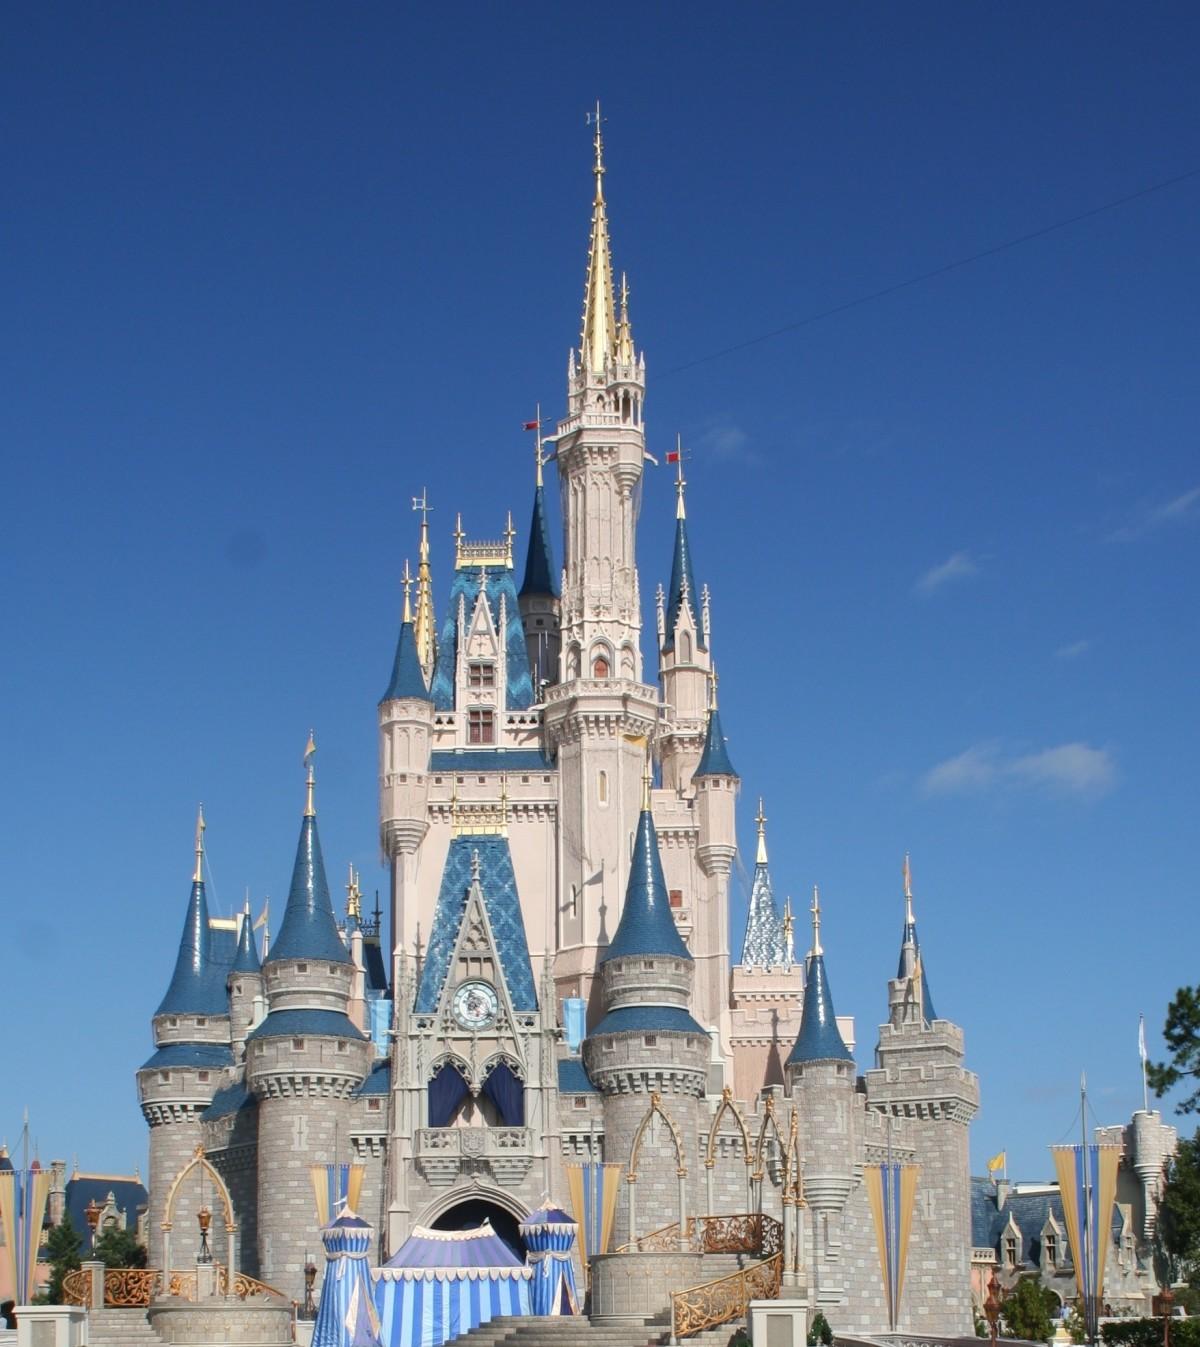 Disney Info Sites: Free Images : Architecture, Building, Palace, Amusement